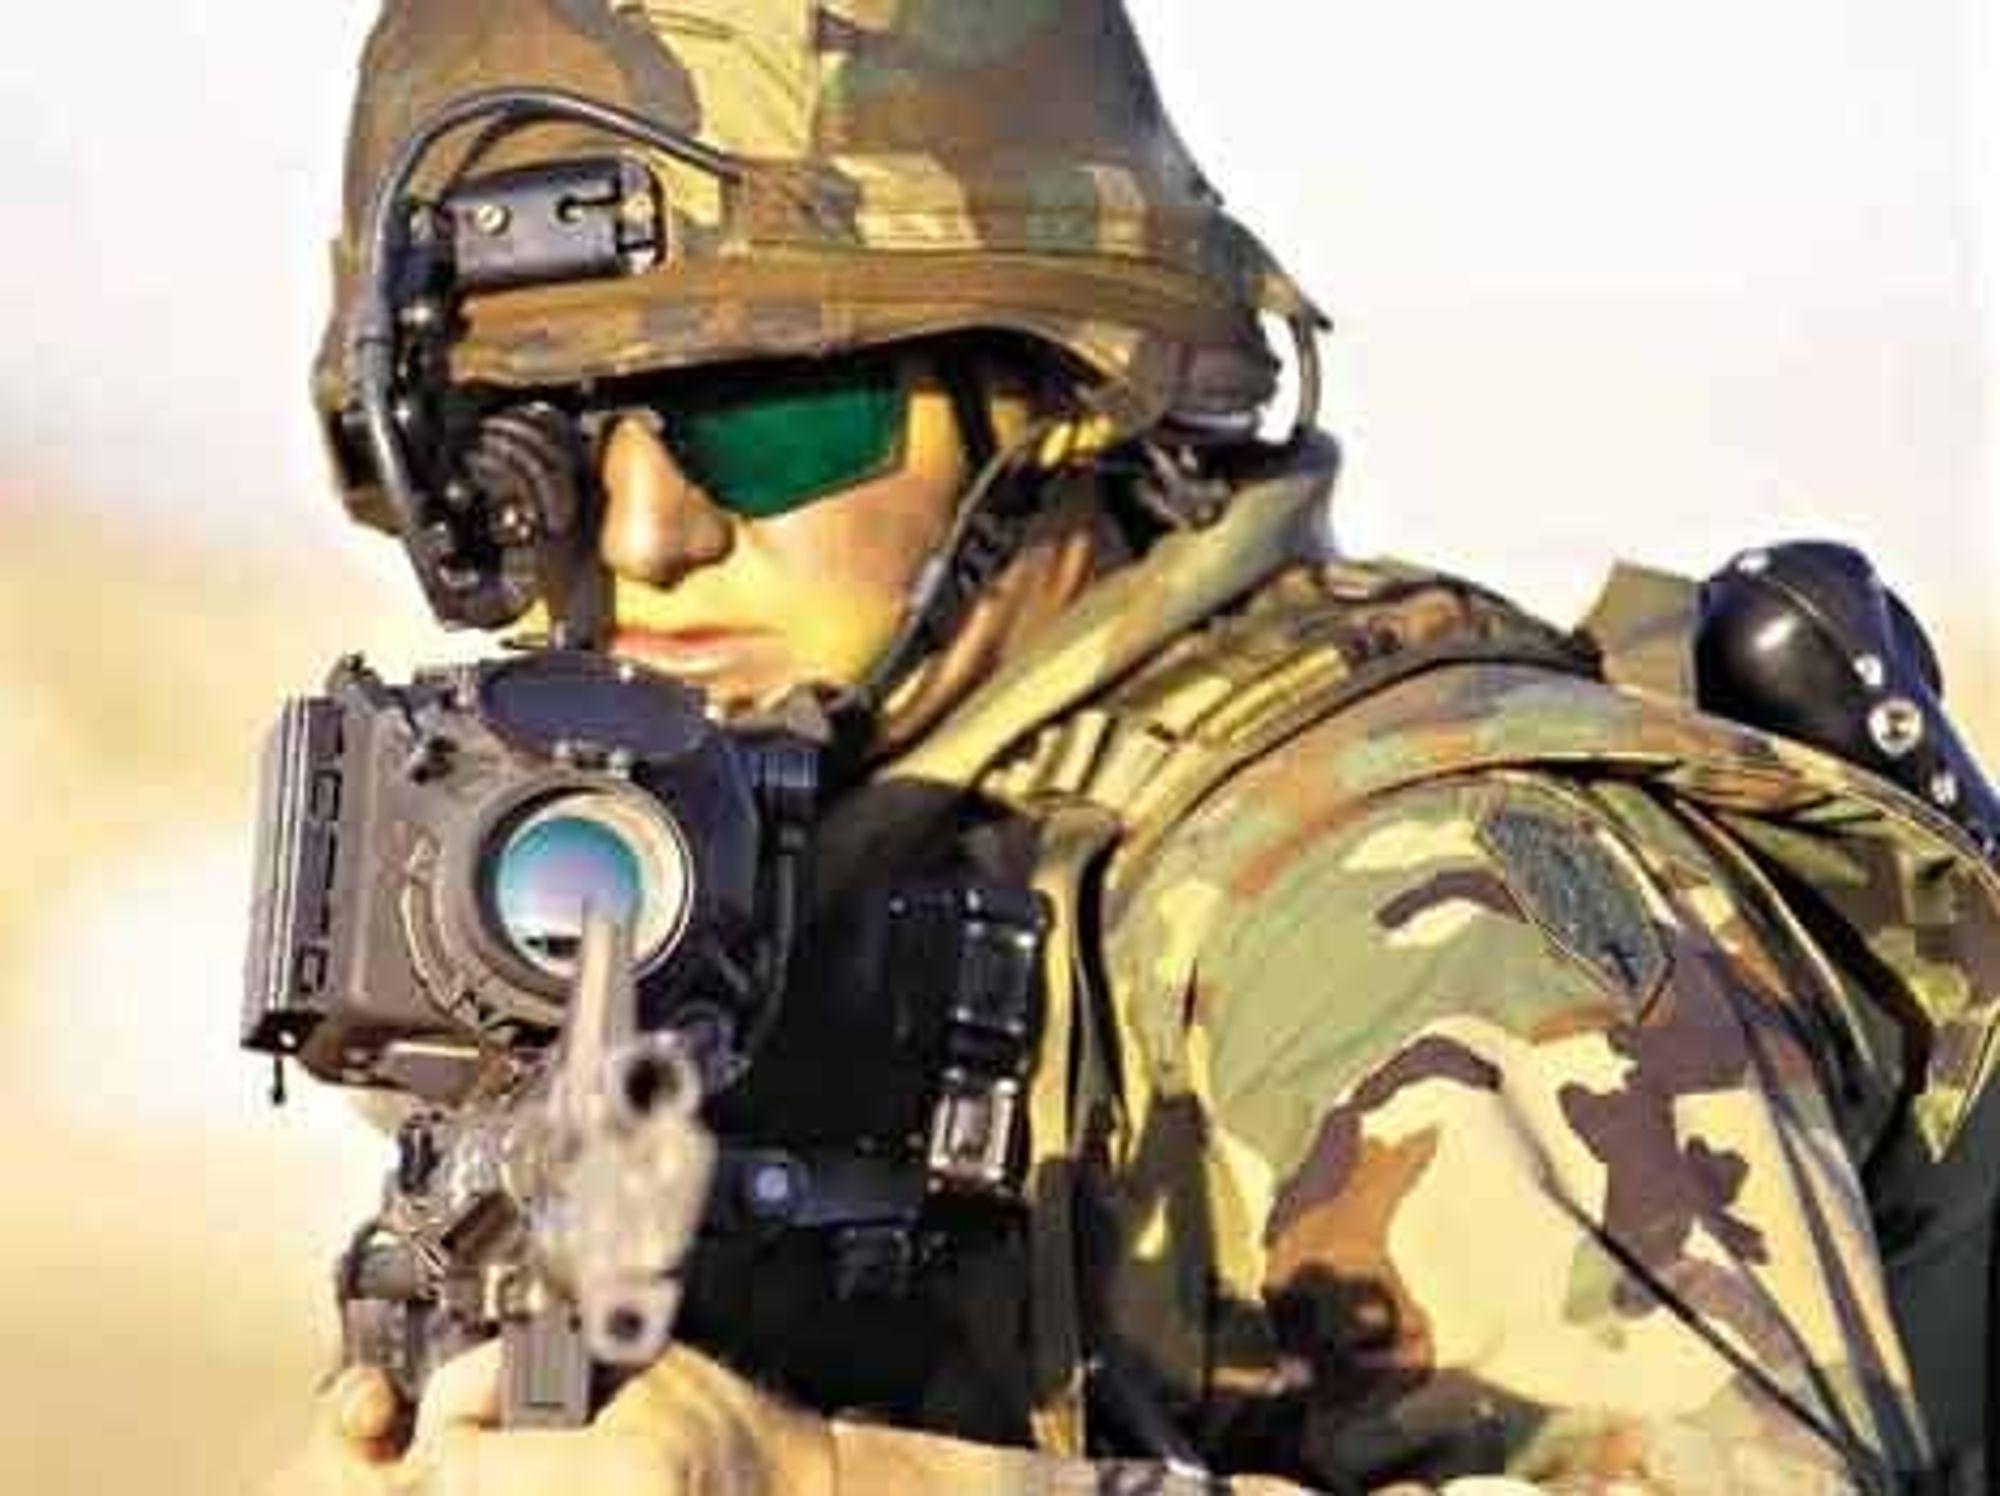 BEDRE UTSTYRT:Stort sett er koalisjonens soldater i Irak bedre utstyrt enn noensinne, med personlig panser (bryst, rygg, hode), bedre førstehjelpsutstyr, bedre radio og bedre håndvåpen. FOTO: BRITISH ARMY